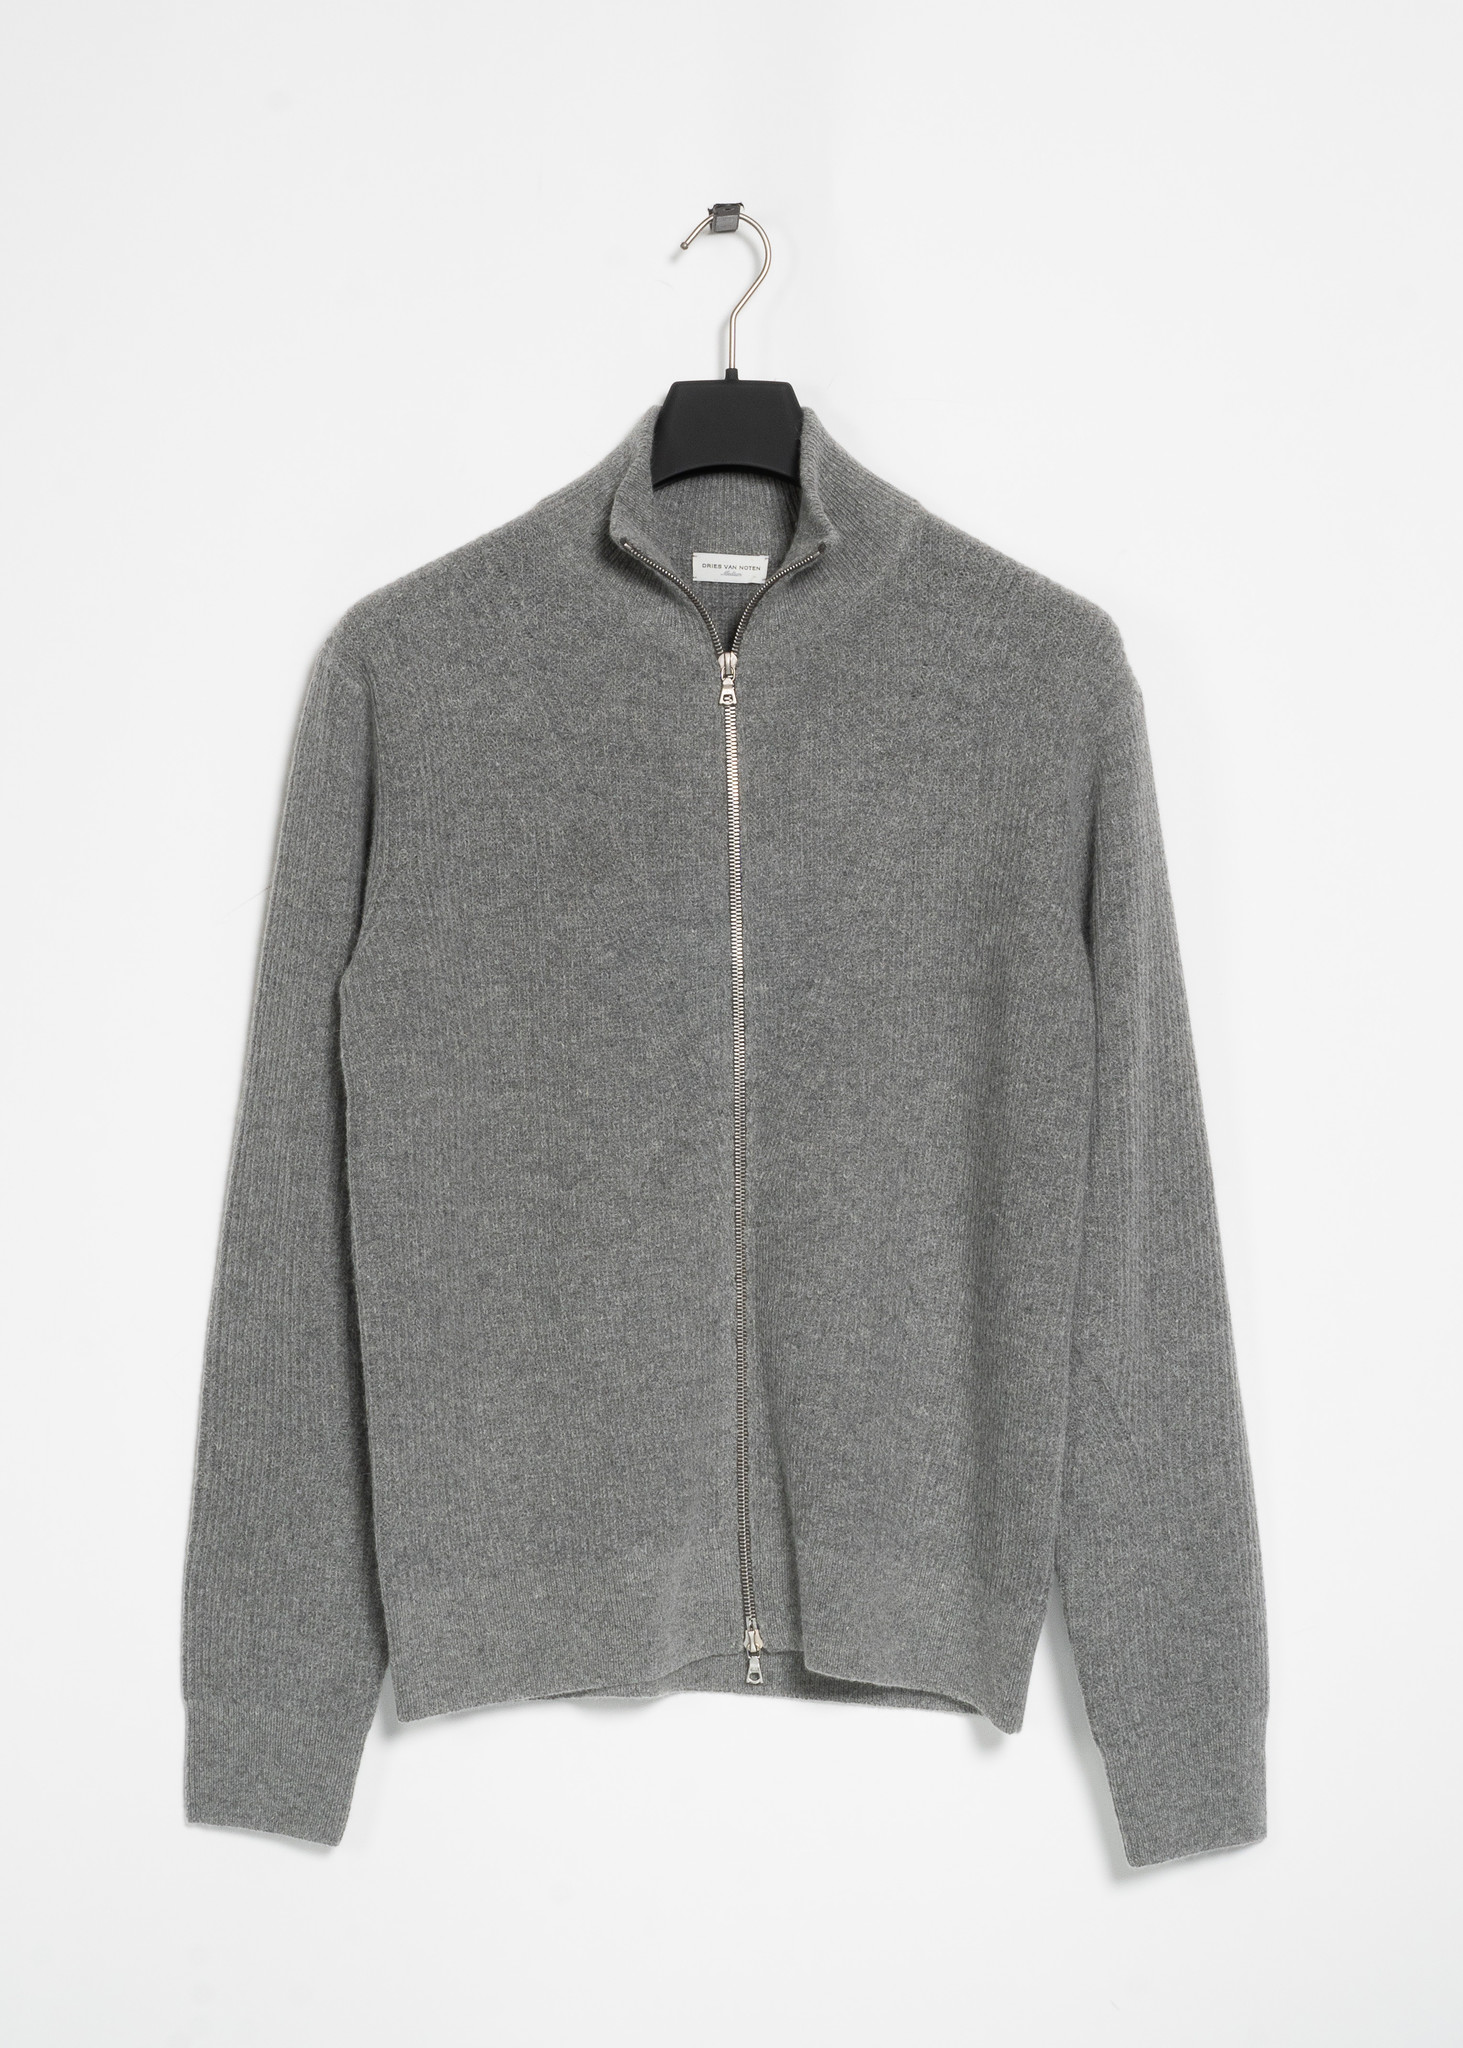 Grey Alpaca Wool Mock Neck Zip Sweater